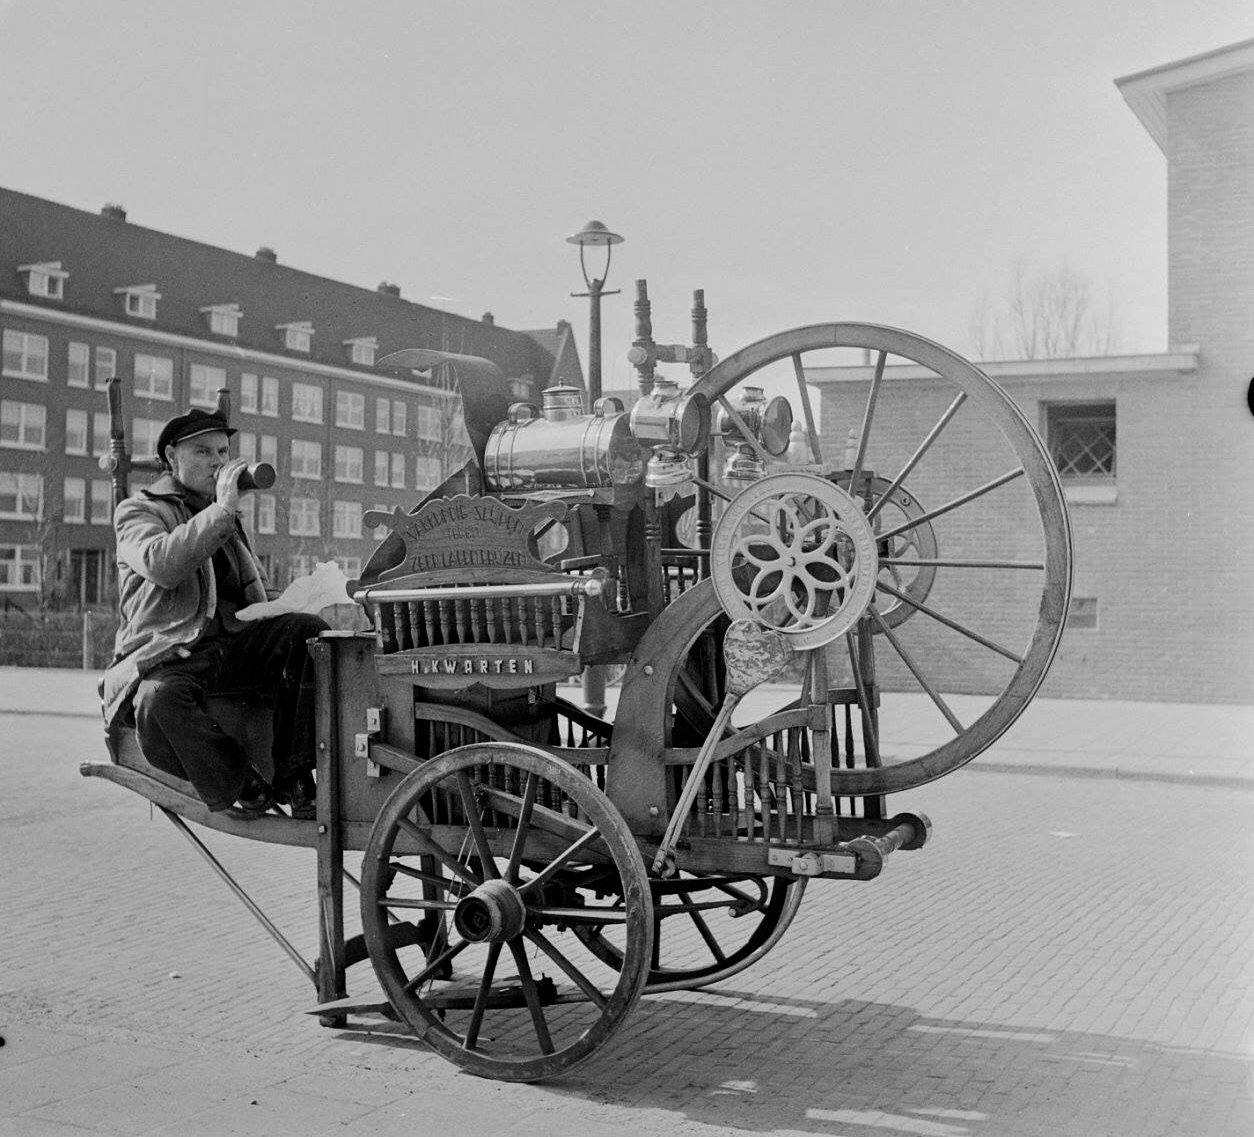 Voorjaar In Amsterdam Lunchtijd Van De Scharensliep 10 Maart 1953